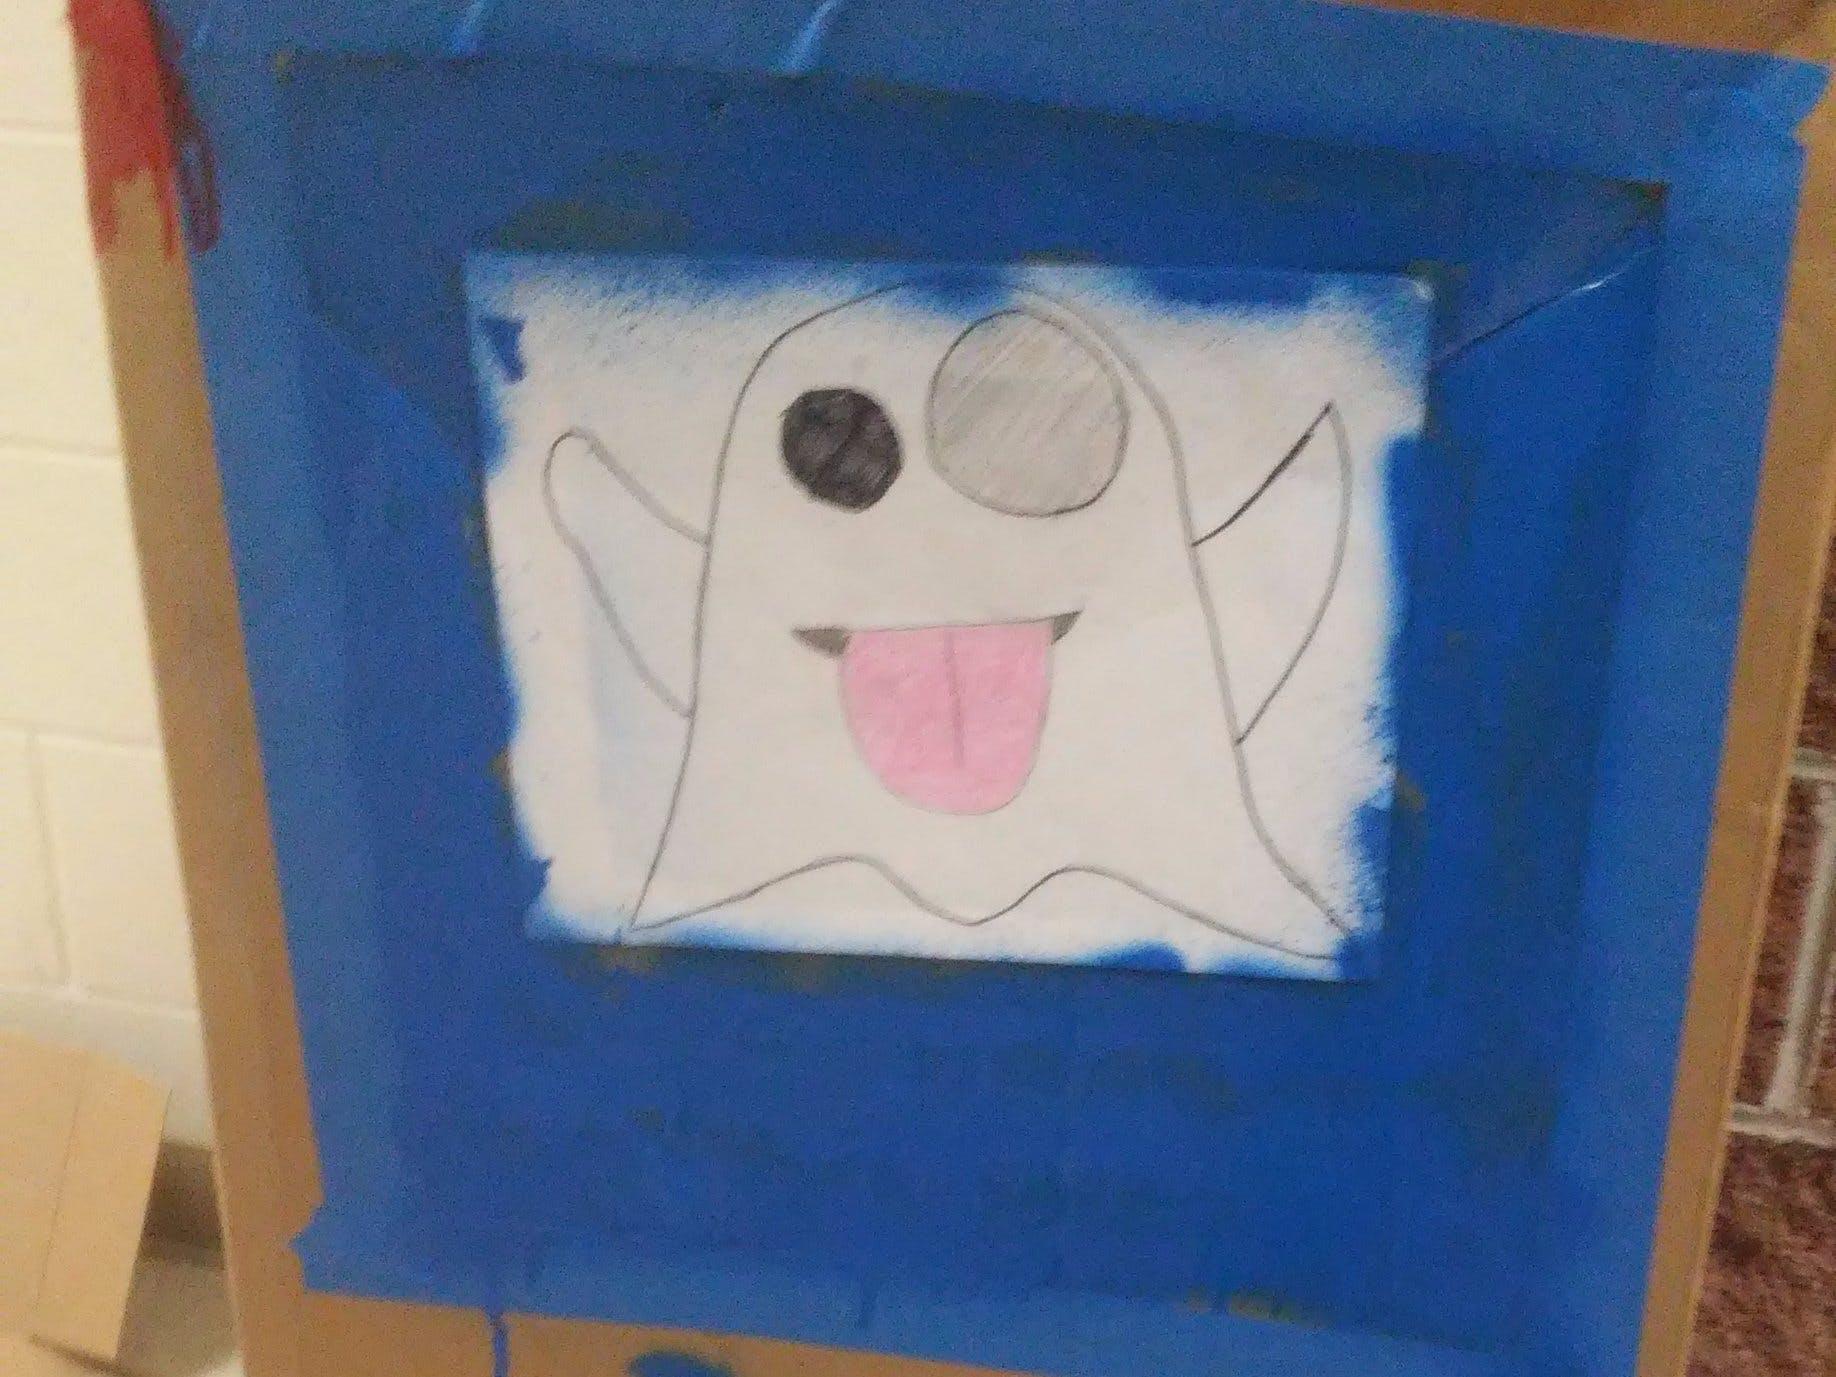 Halloween iPod costume